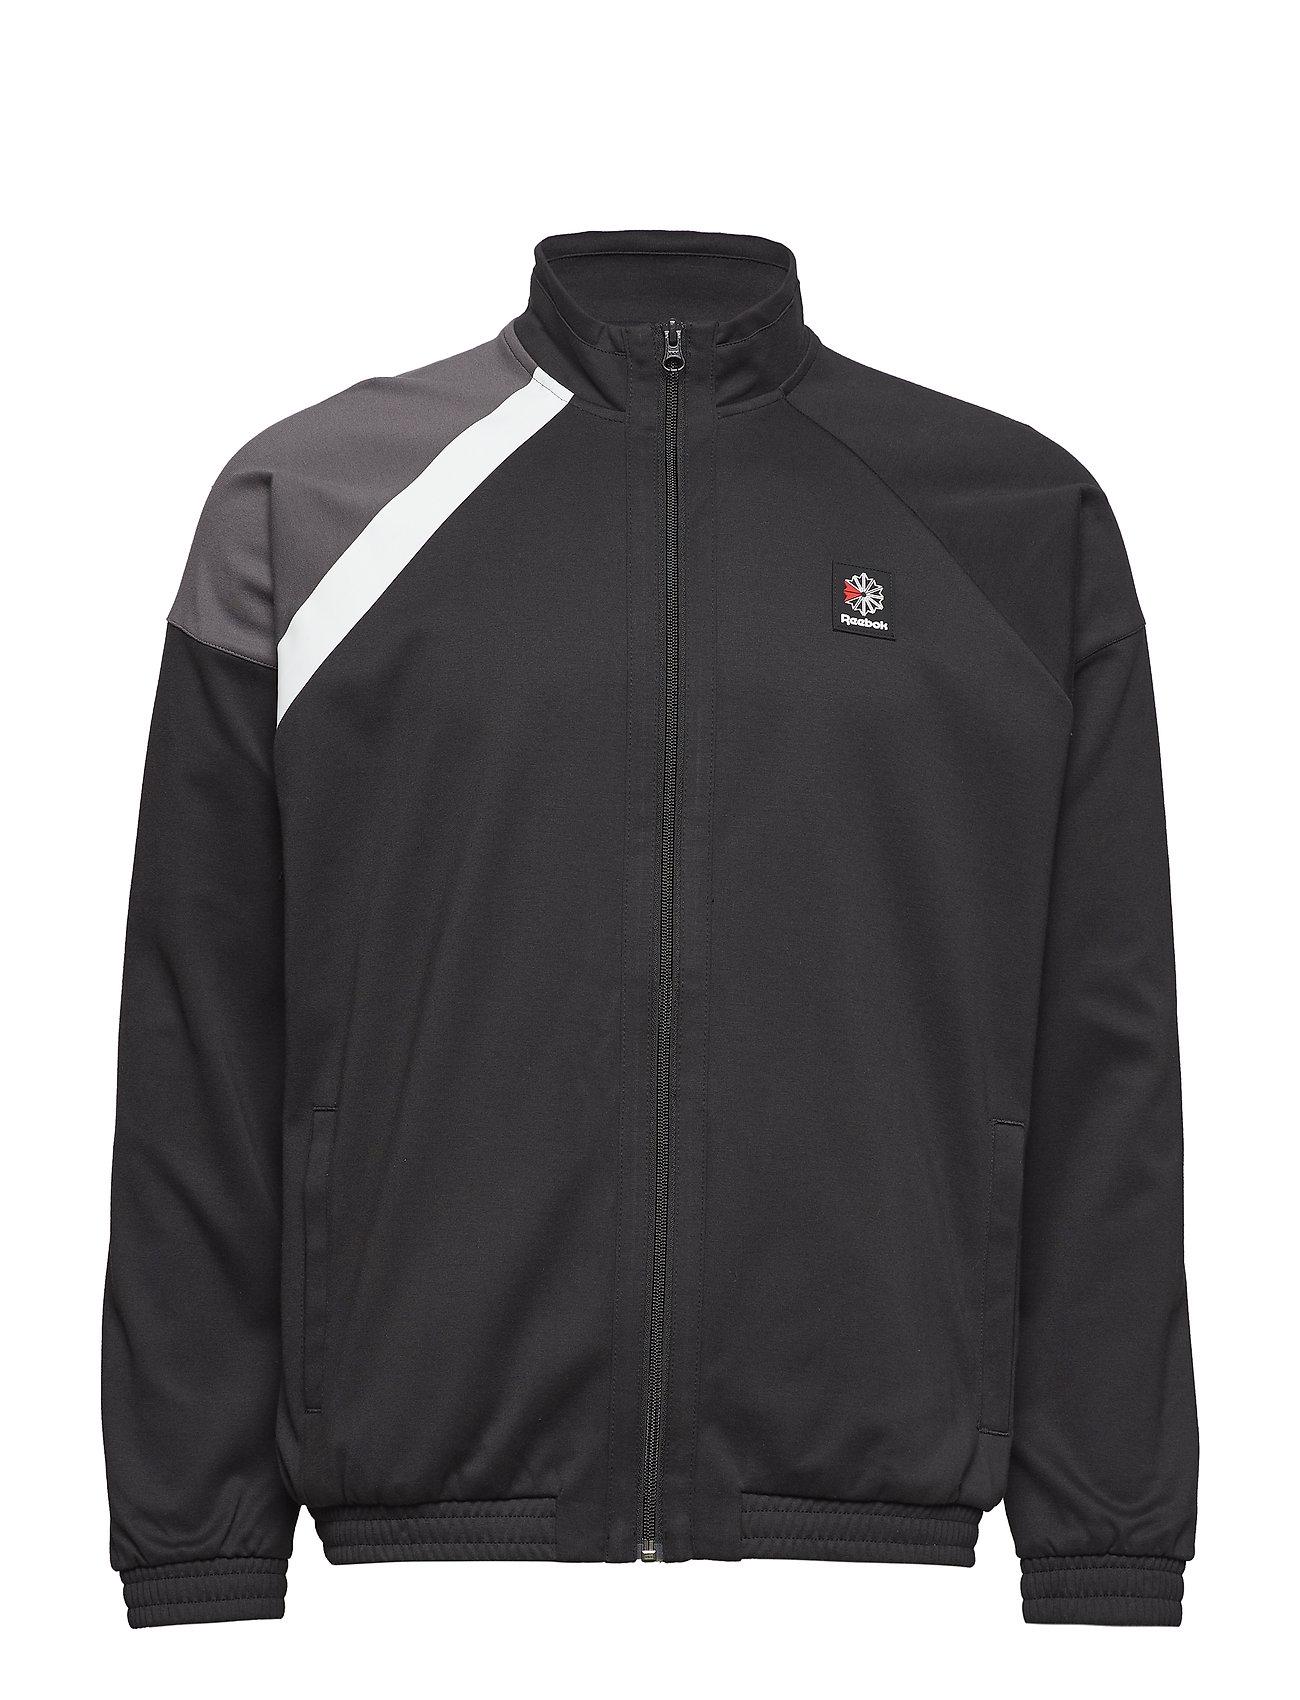 Es Trackjacket (Black) (£45.47) - Reebok Classics - Tops  70c118b30